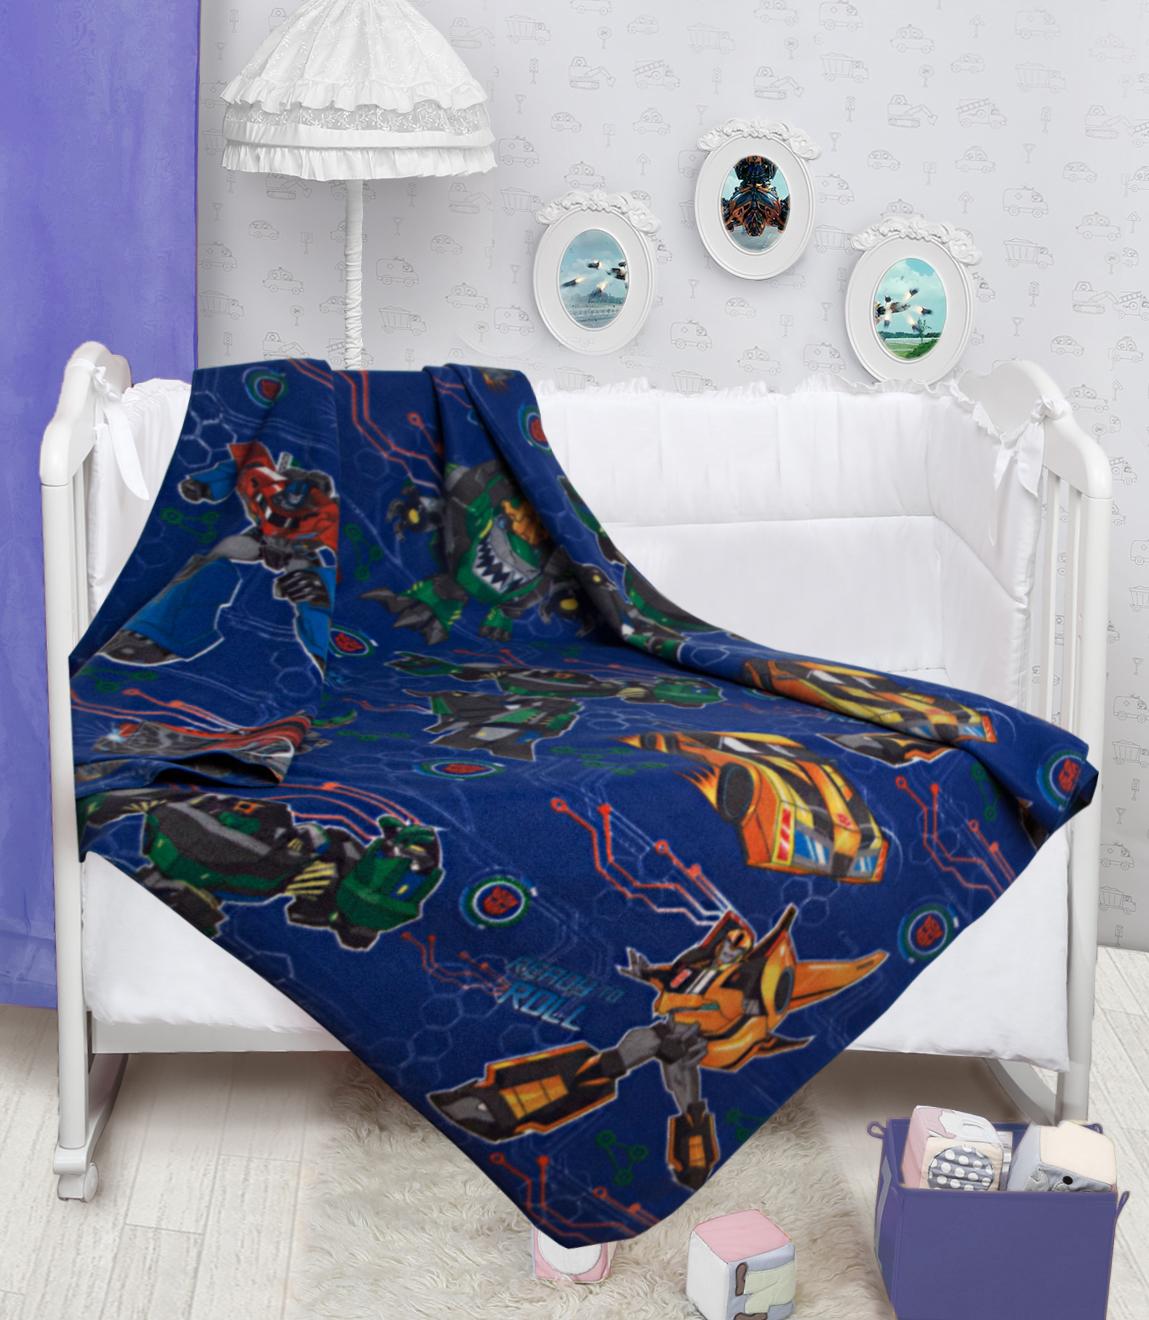 Детские покрывала, подушки, одеяла Mona Liza Детский плед Автоботы (150х200 см) mona liza mona liza плед флисовый тачки ралли 150х200